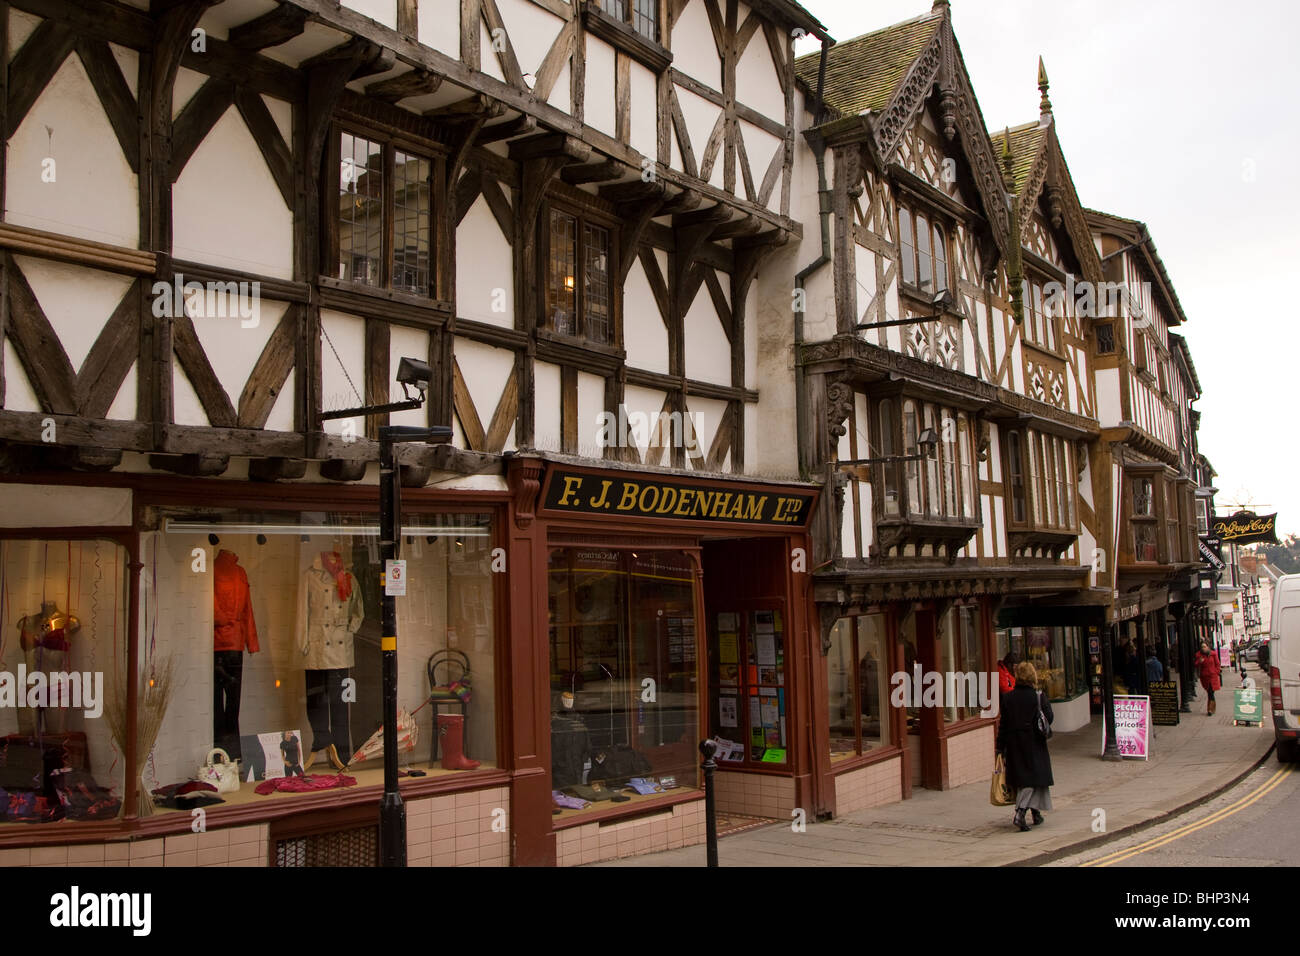 Ludlow, Shropshire, England - Stock Image